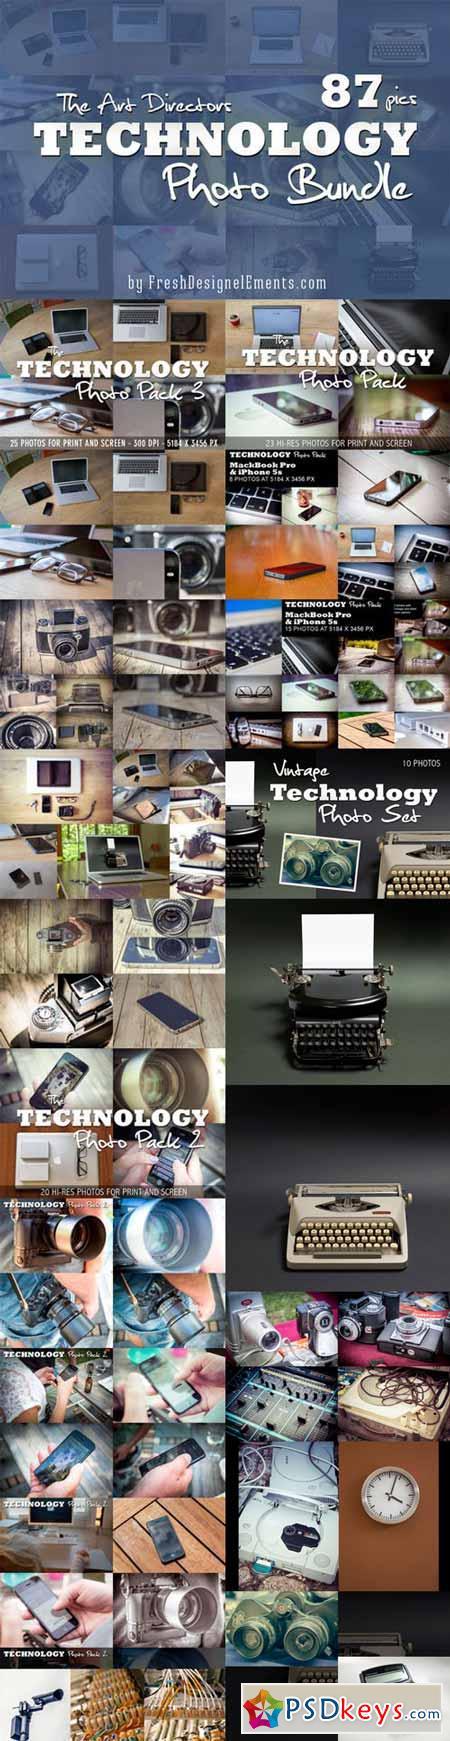 Technology Photo Bundle 87 HRs 307582